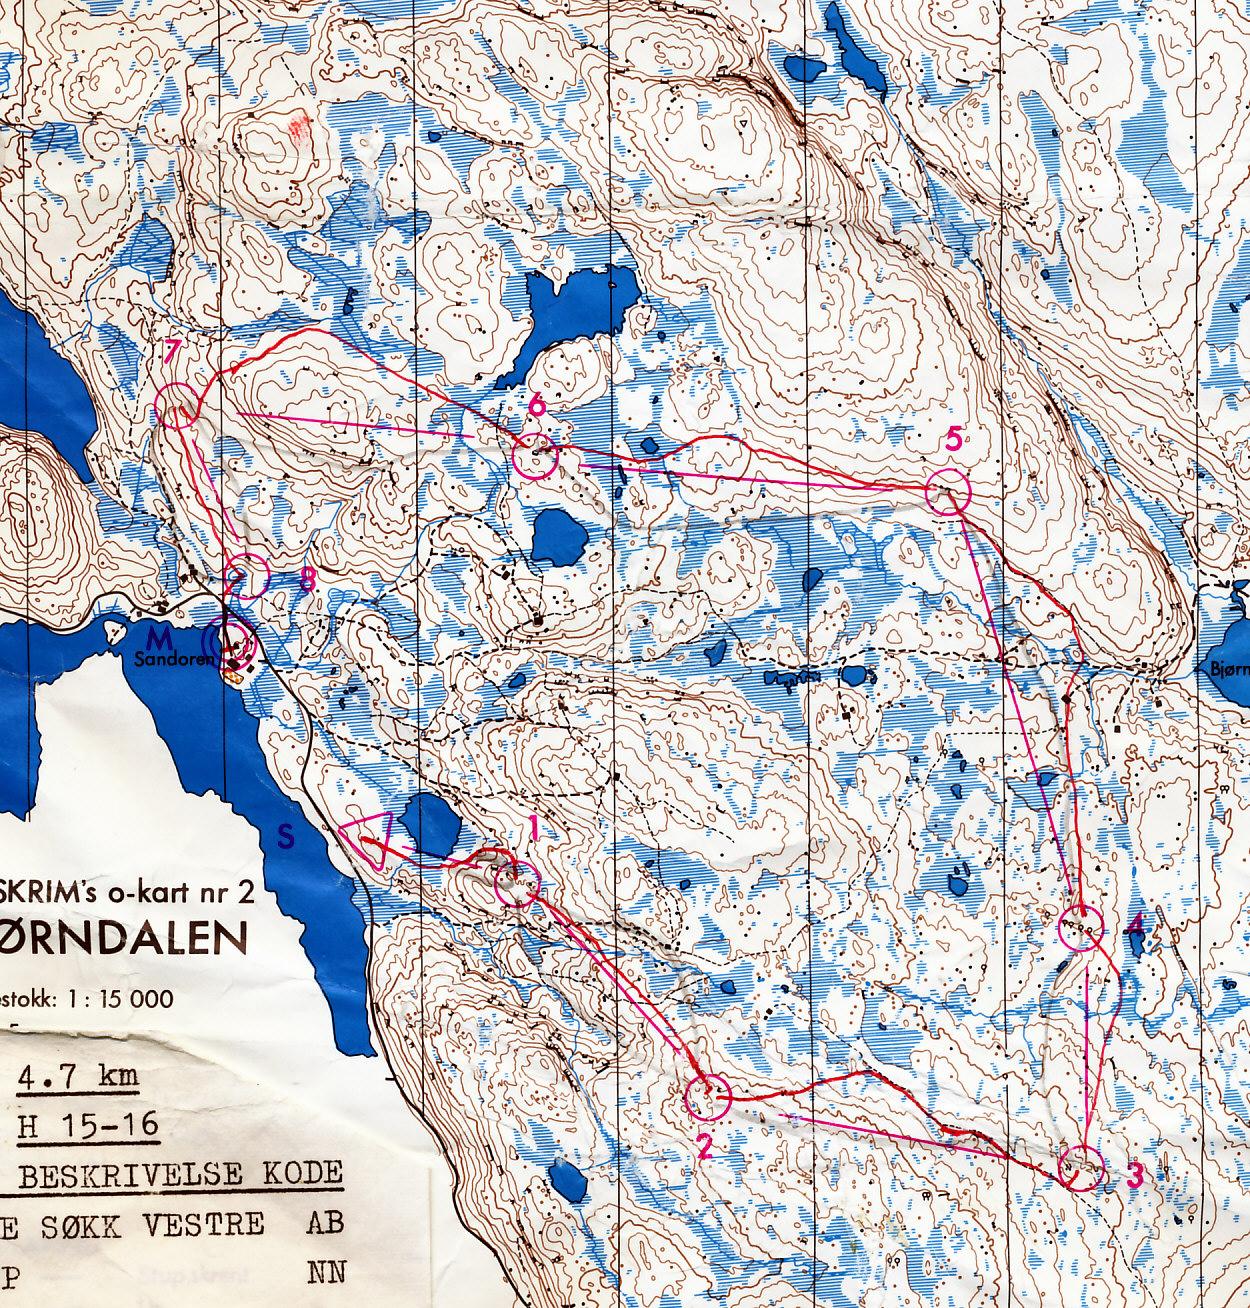 skrim kart Mitt digitale veivalgsarkiv :: Skrim (18/08/1973) skrim kart